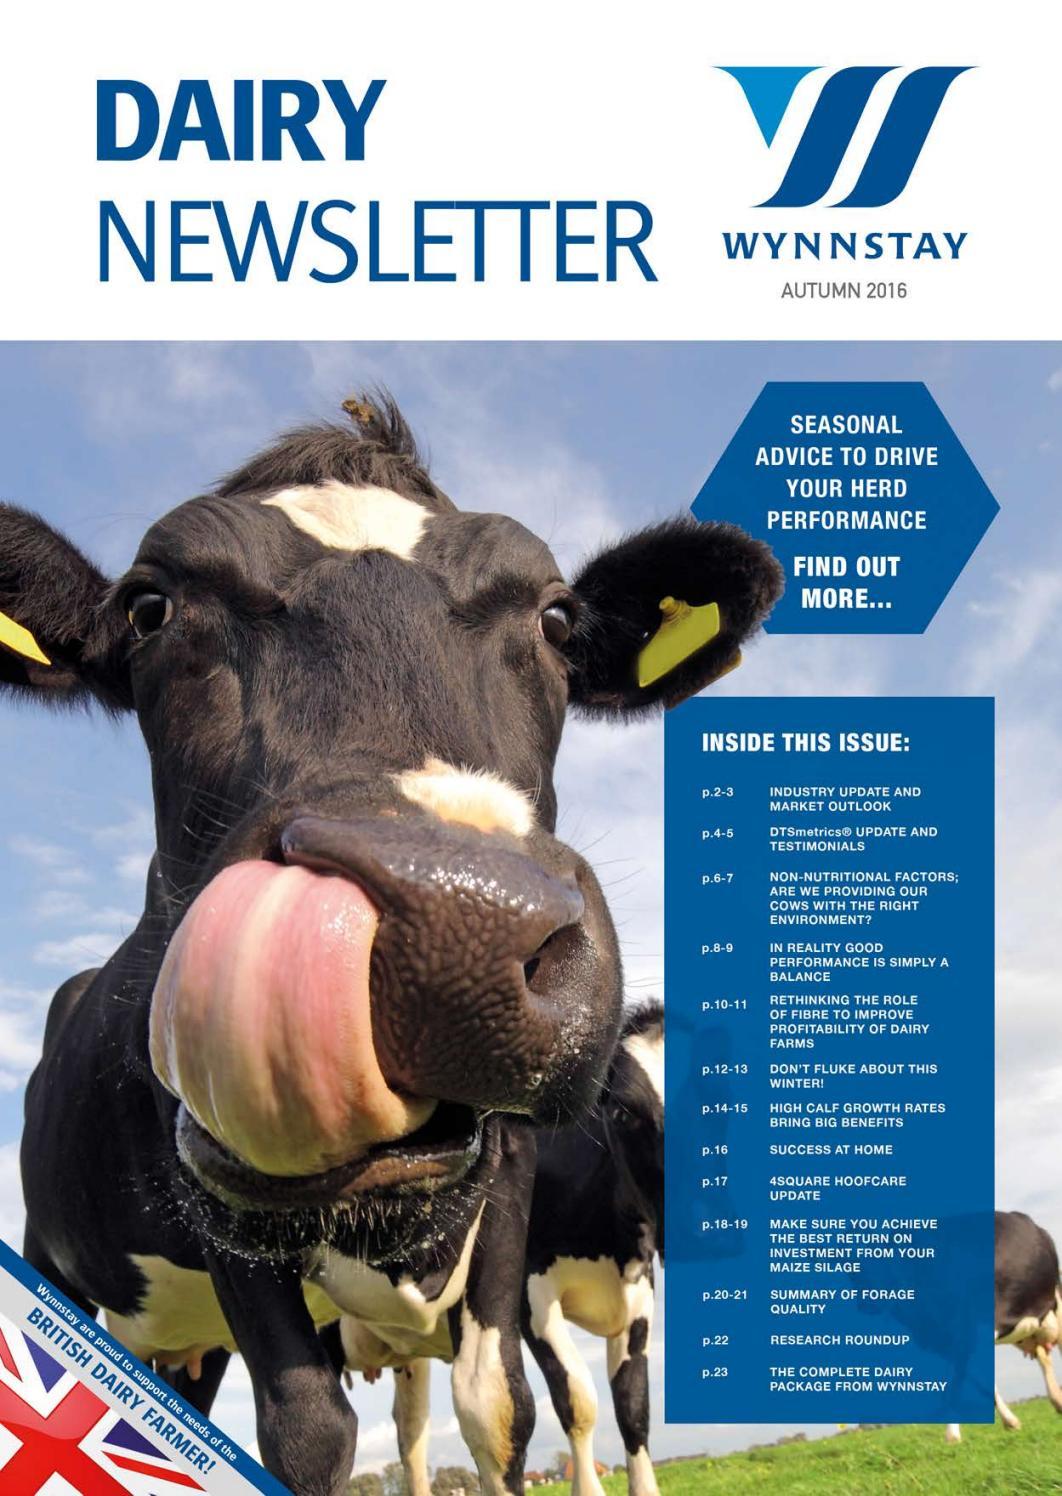 Dairy Newsletter Autumn 2016 by WynnstayGroup - issuu